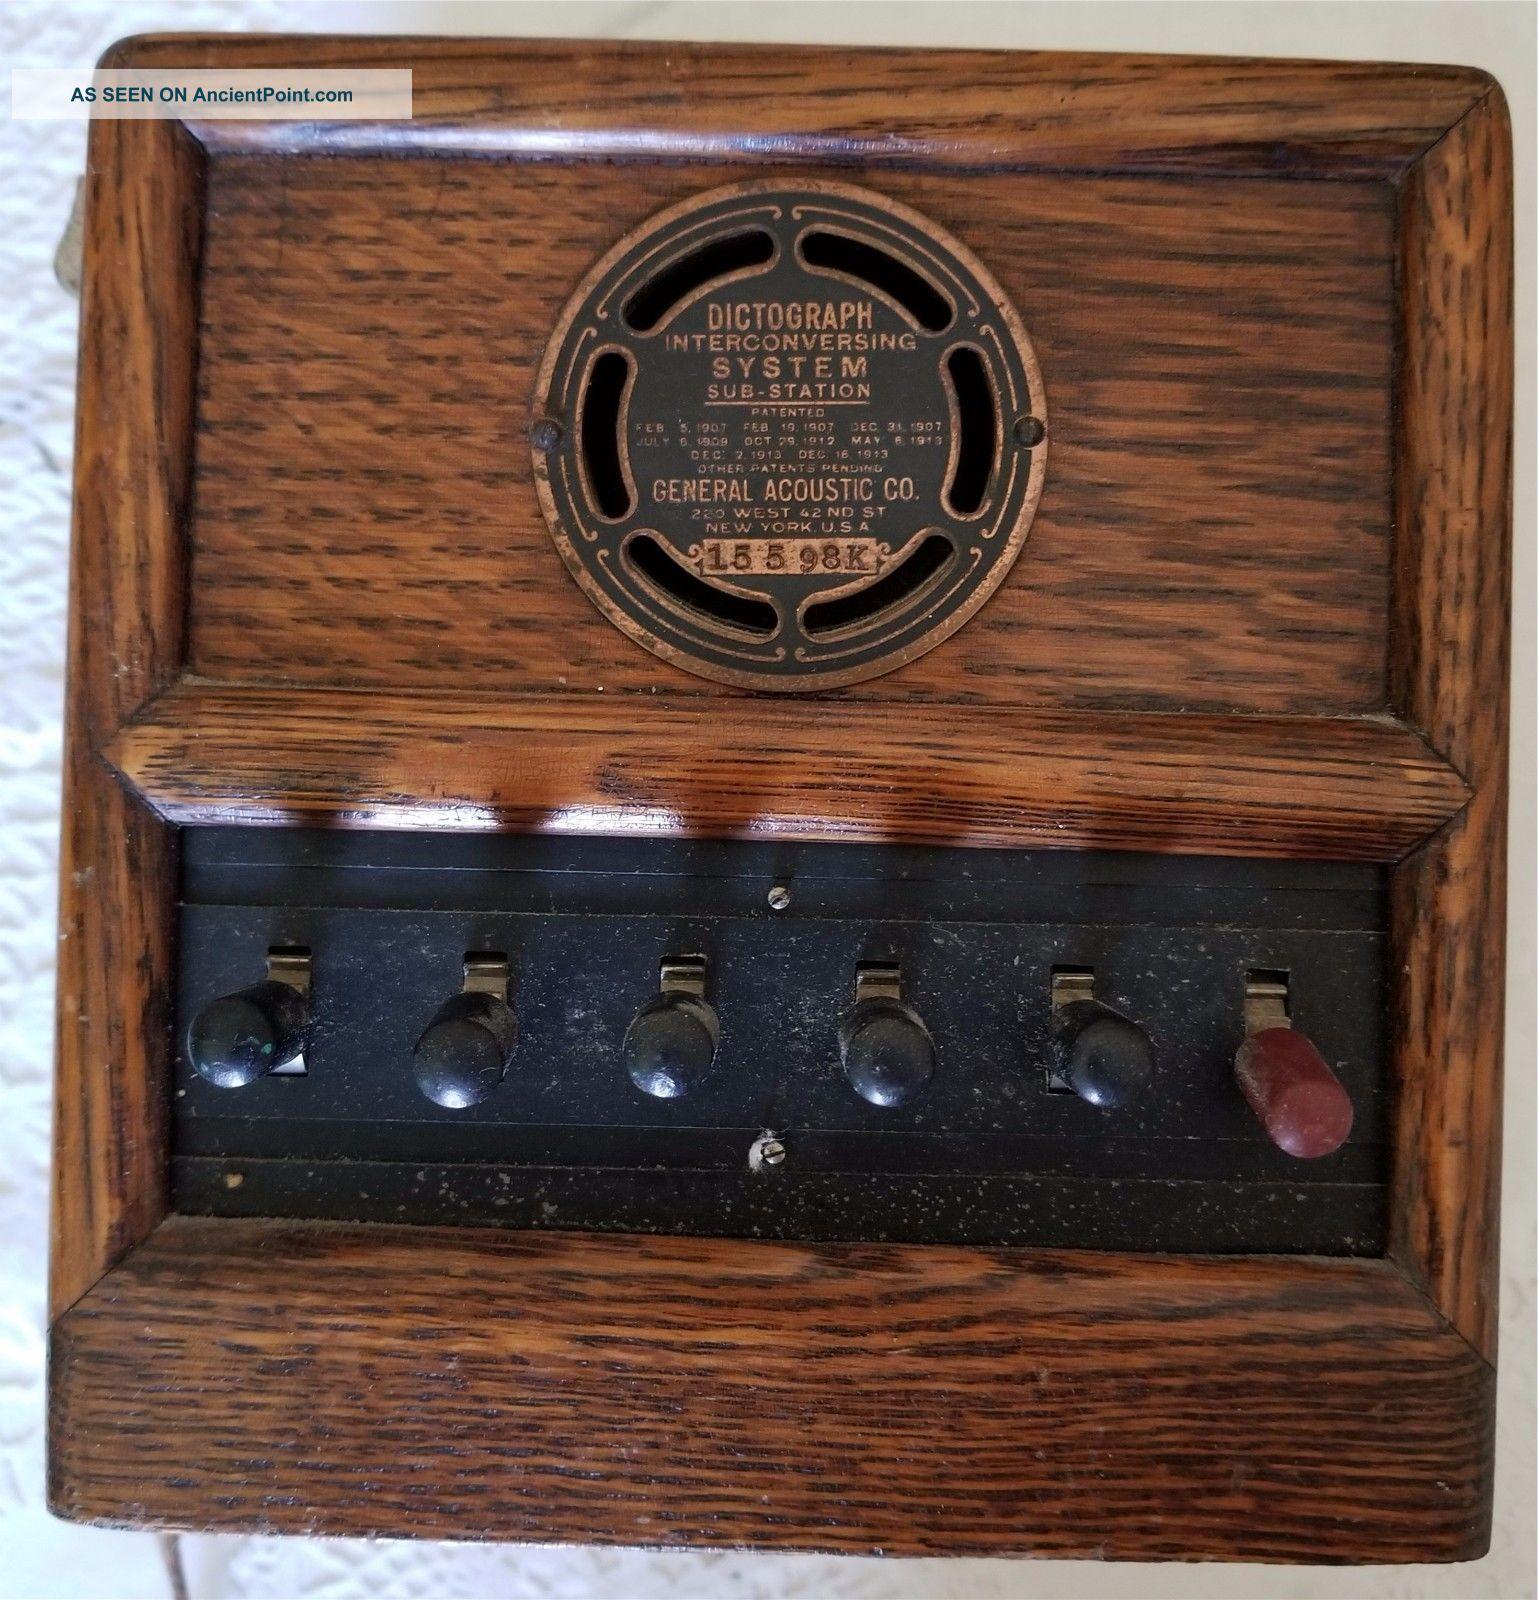 Аудиогаджет специального назначения: Dictograph — от цеха и оперы до первой прослушки, технический шедевр 1907-го года - 8